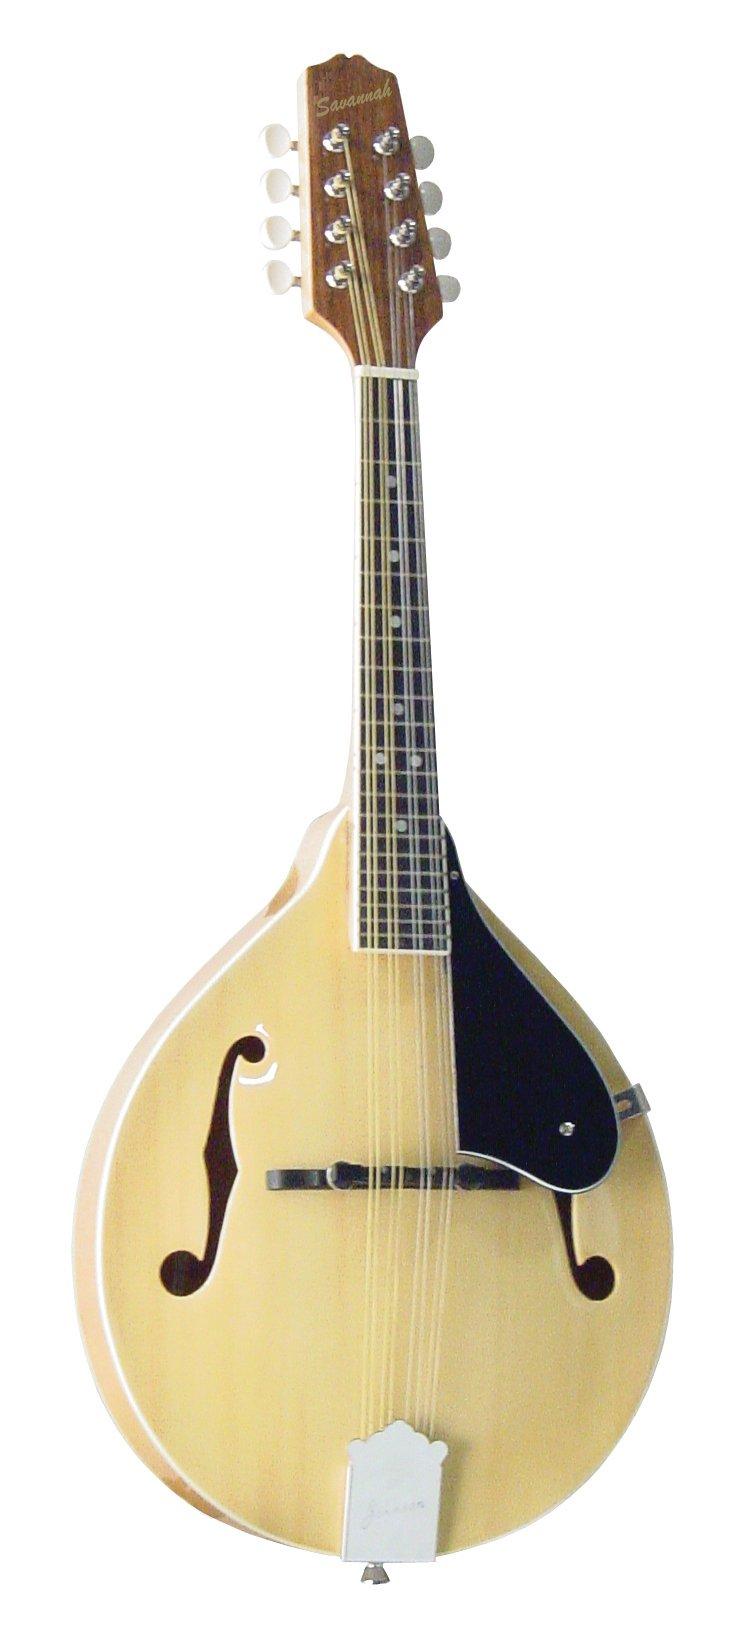 Savannah SA-120-NA Louisville Mandolin, Natural